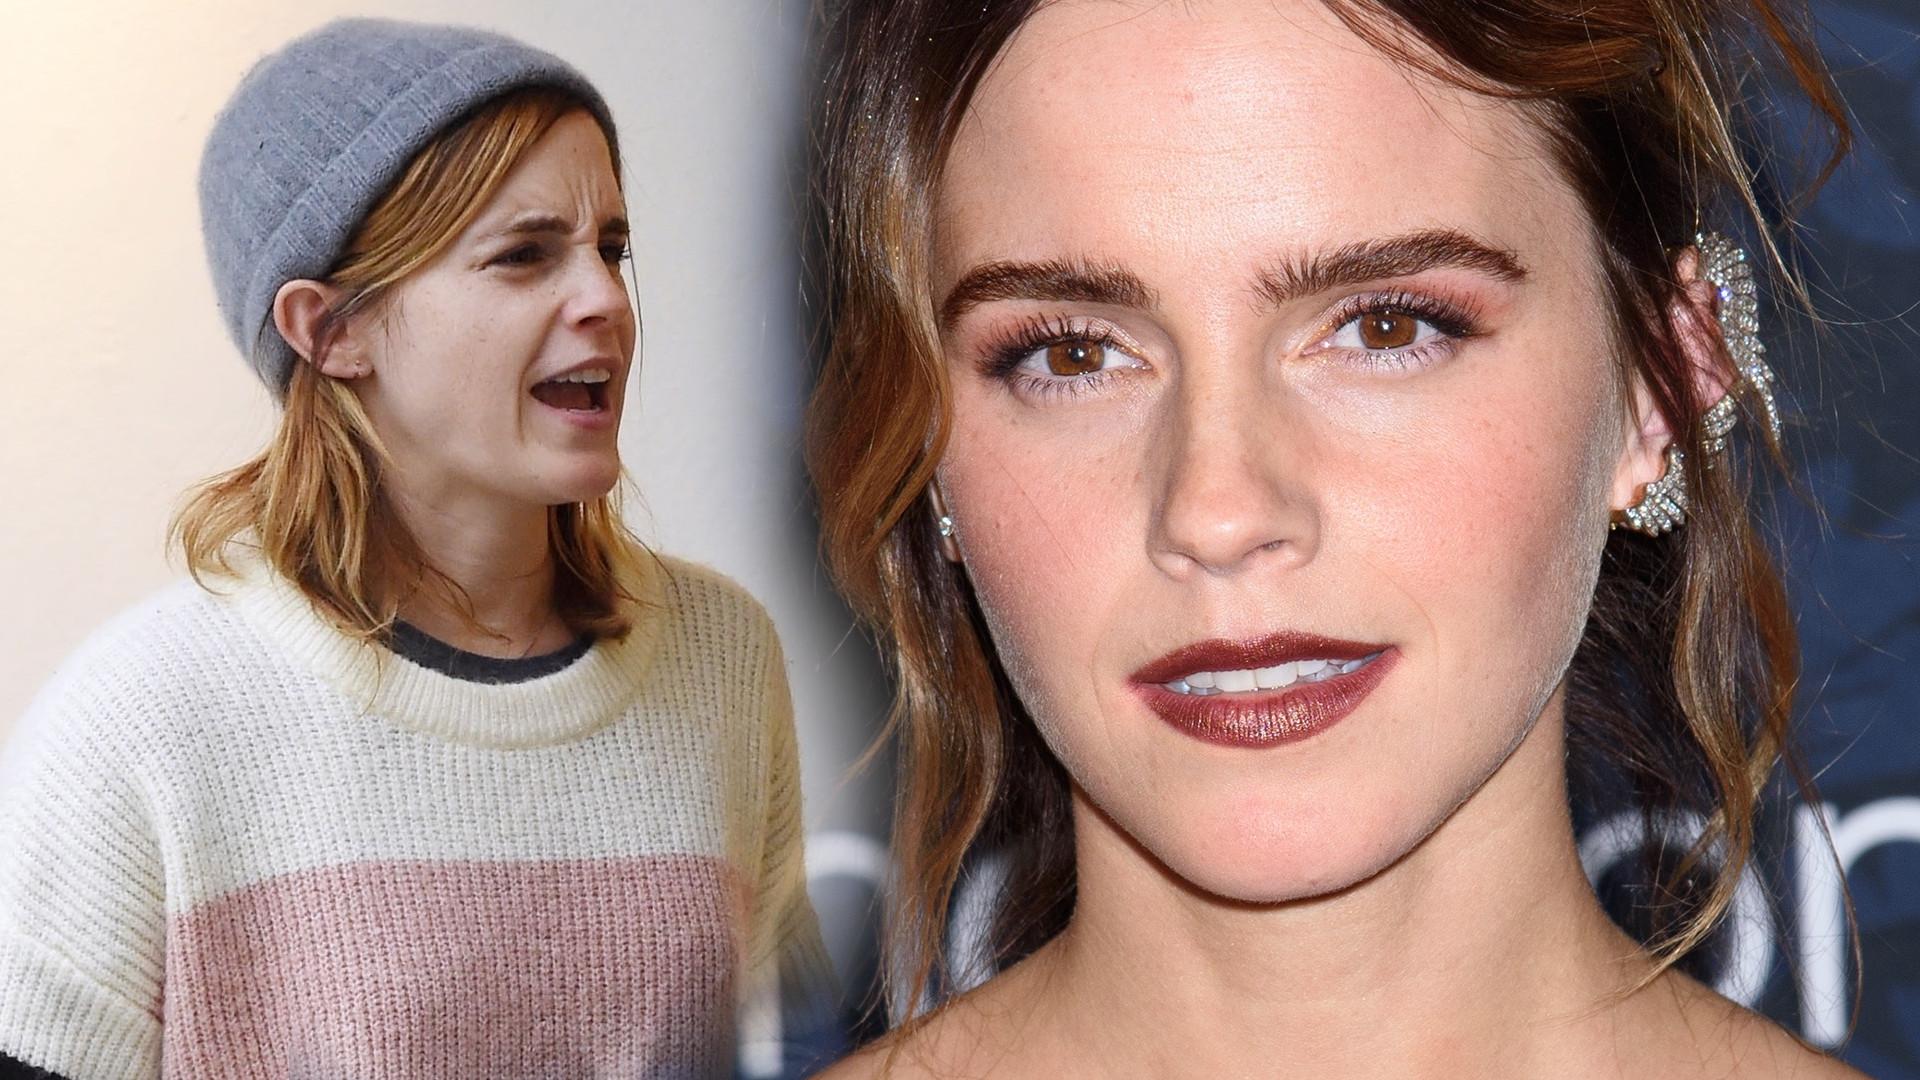 Emma Watson skrytykowana za czarne kwadraty w białych ramkach